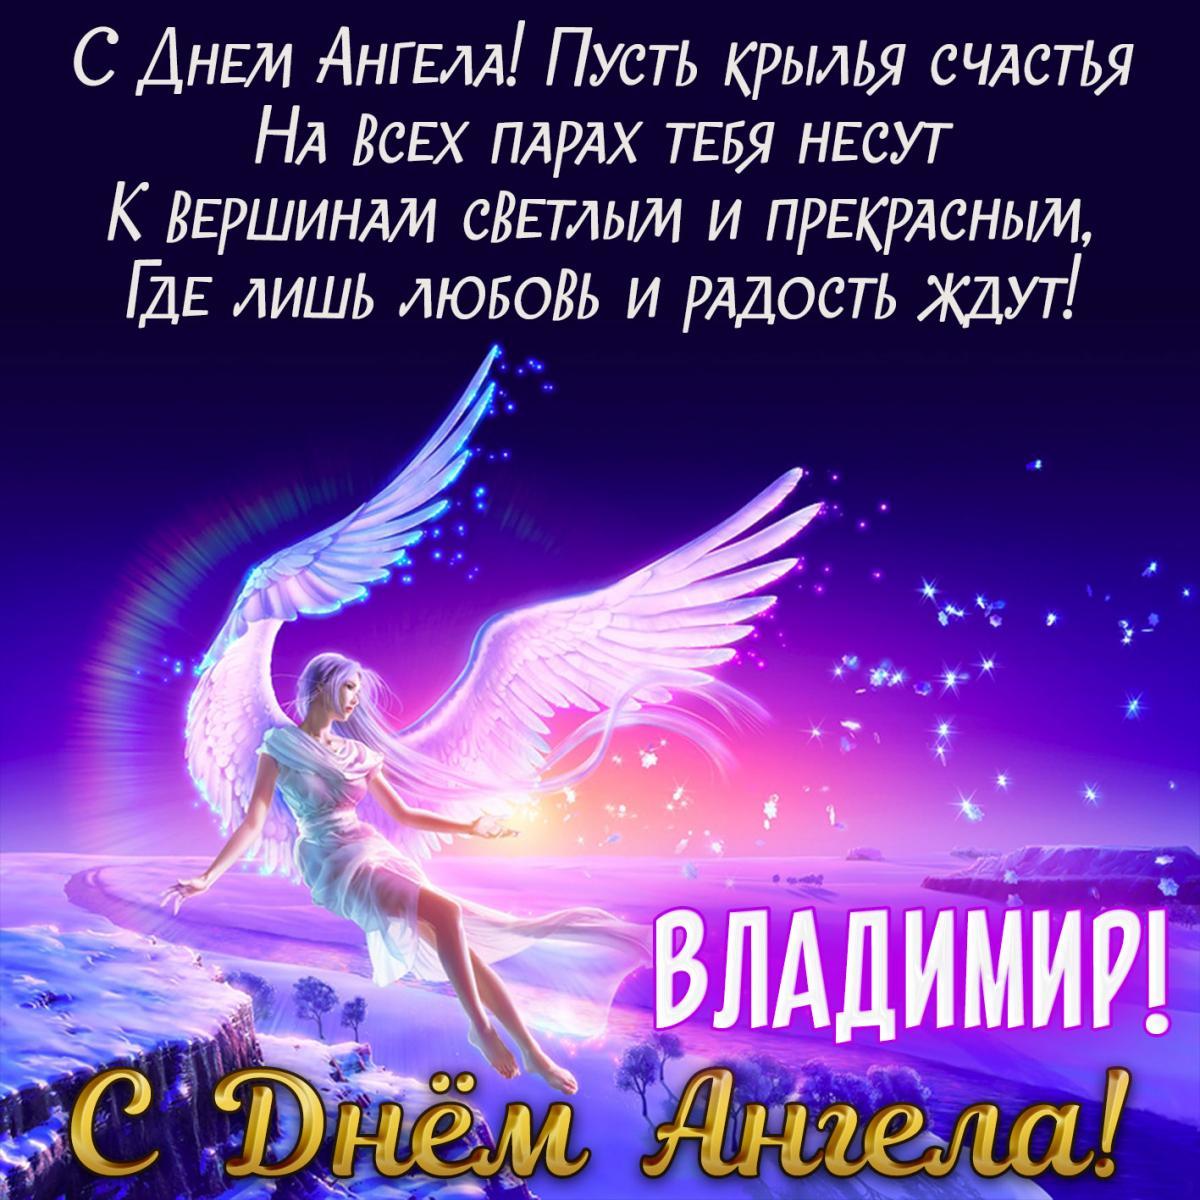 День ангела Владимира картинка